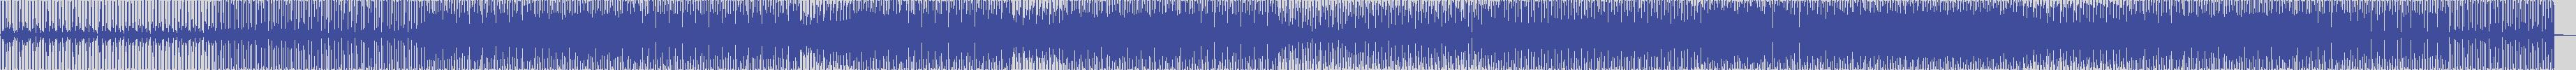 bunny_clan [BYC048] Alex Gazzillo - Jack 1976 [Crude RMX] audio wave form